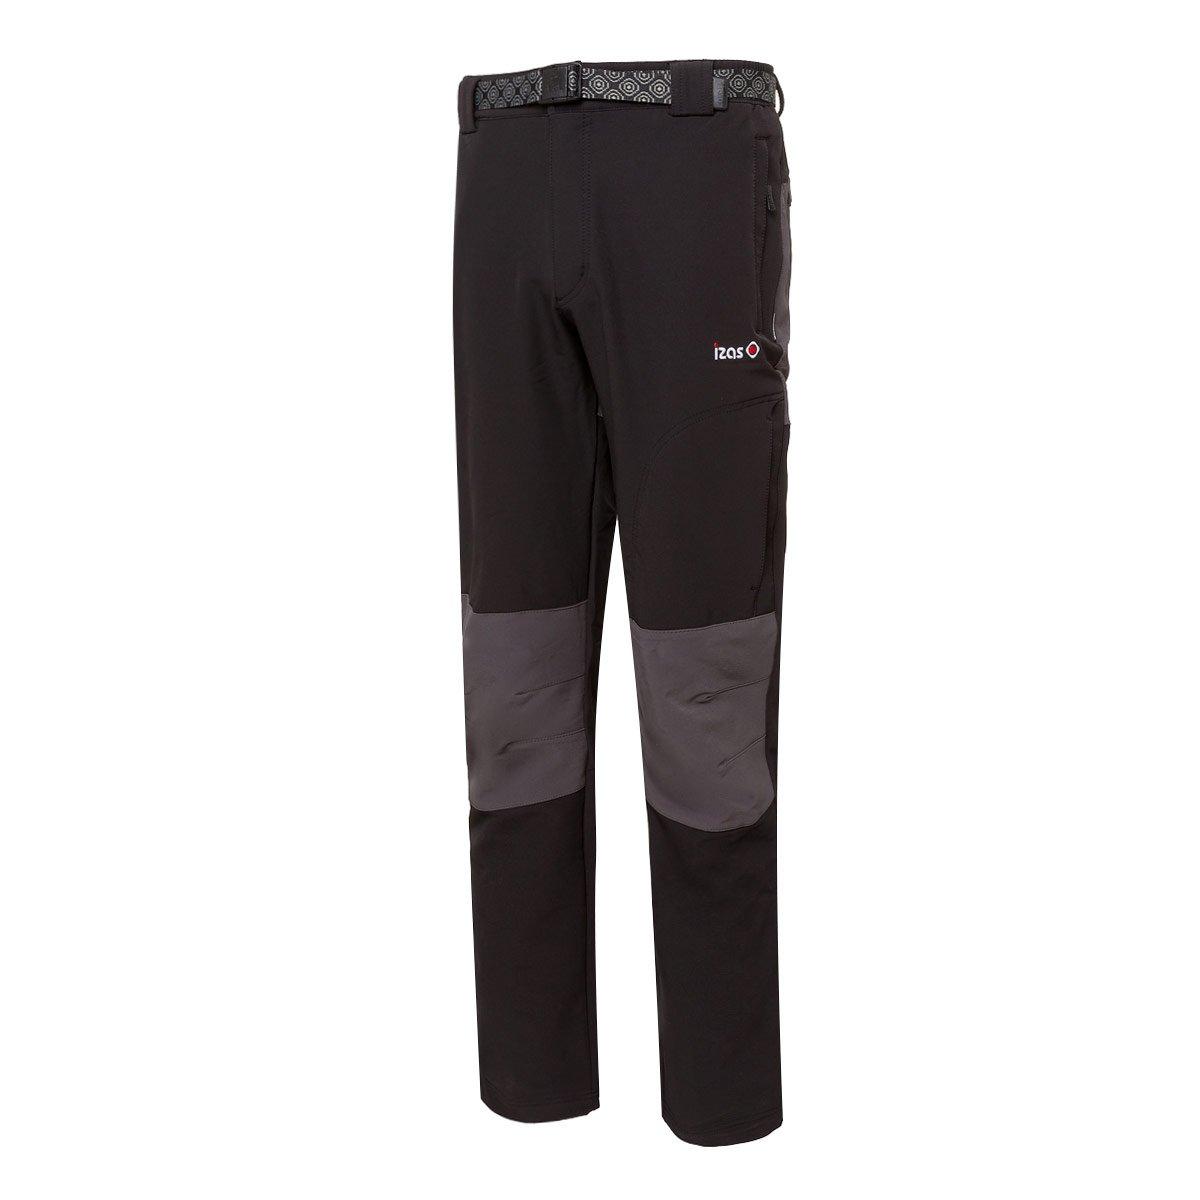 Izas Vinson Pantalón de montaña, Hombre, Negro/Gris Oscuro, M